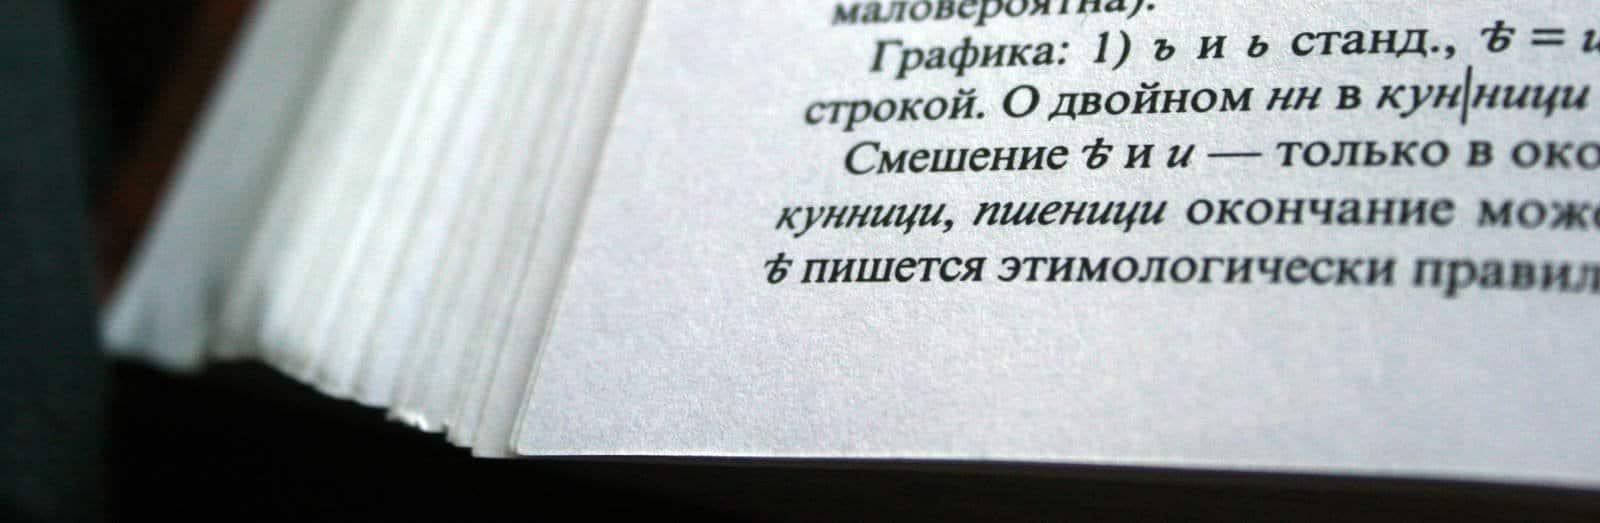 Texto en cirílico, por Quinn Dombrowski, en Flickr (5124057315), con licencia CC by-sa